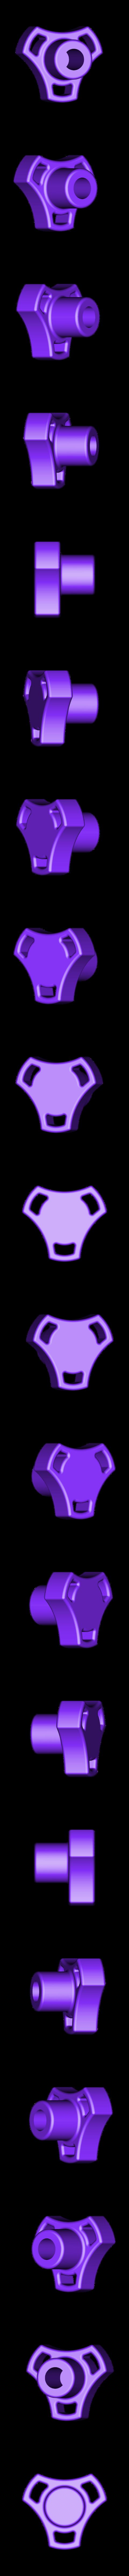 Knob_for_brocken_Clamp.STL Télécharger fichier STL gratuit Bouton pour collier de serrage cassé • Objet à imprimer en 3D, perinski